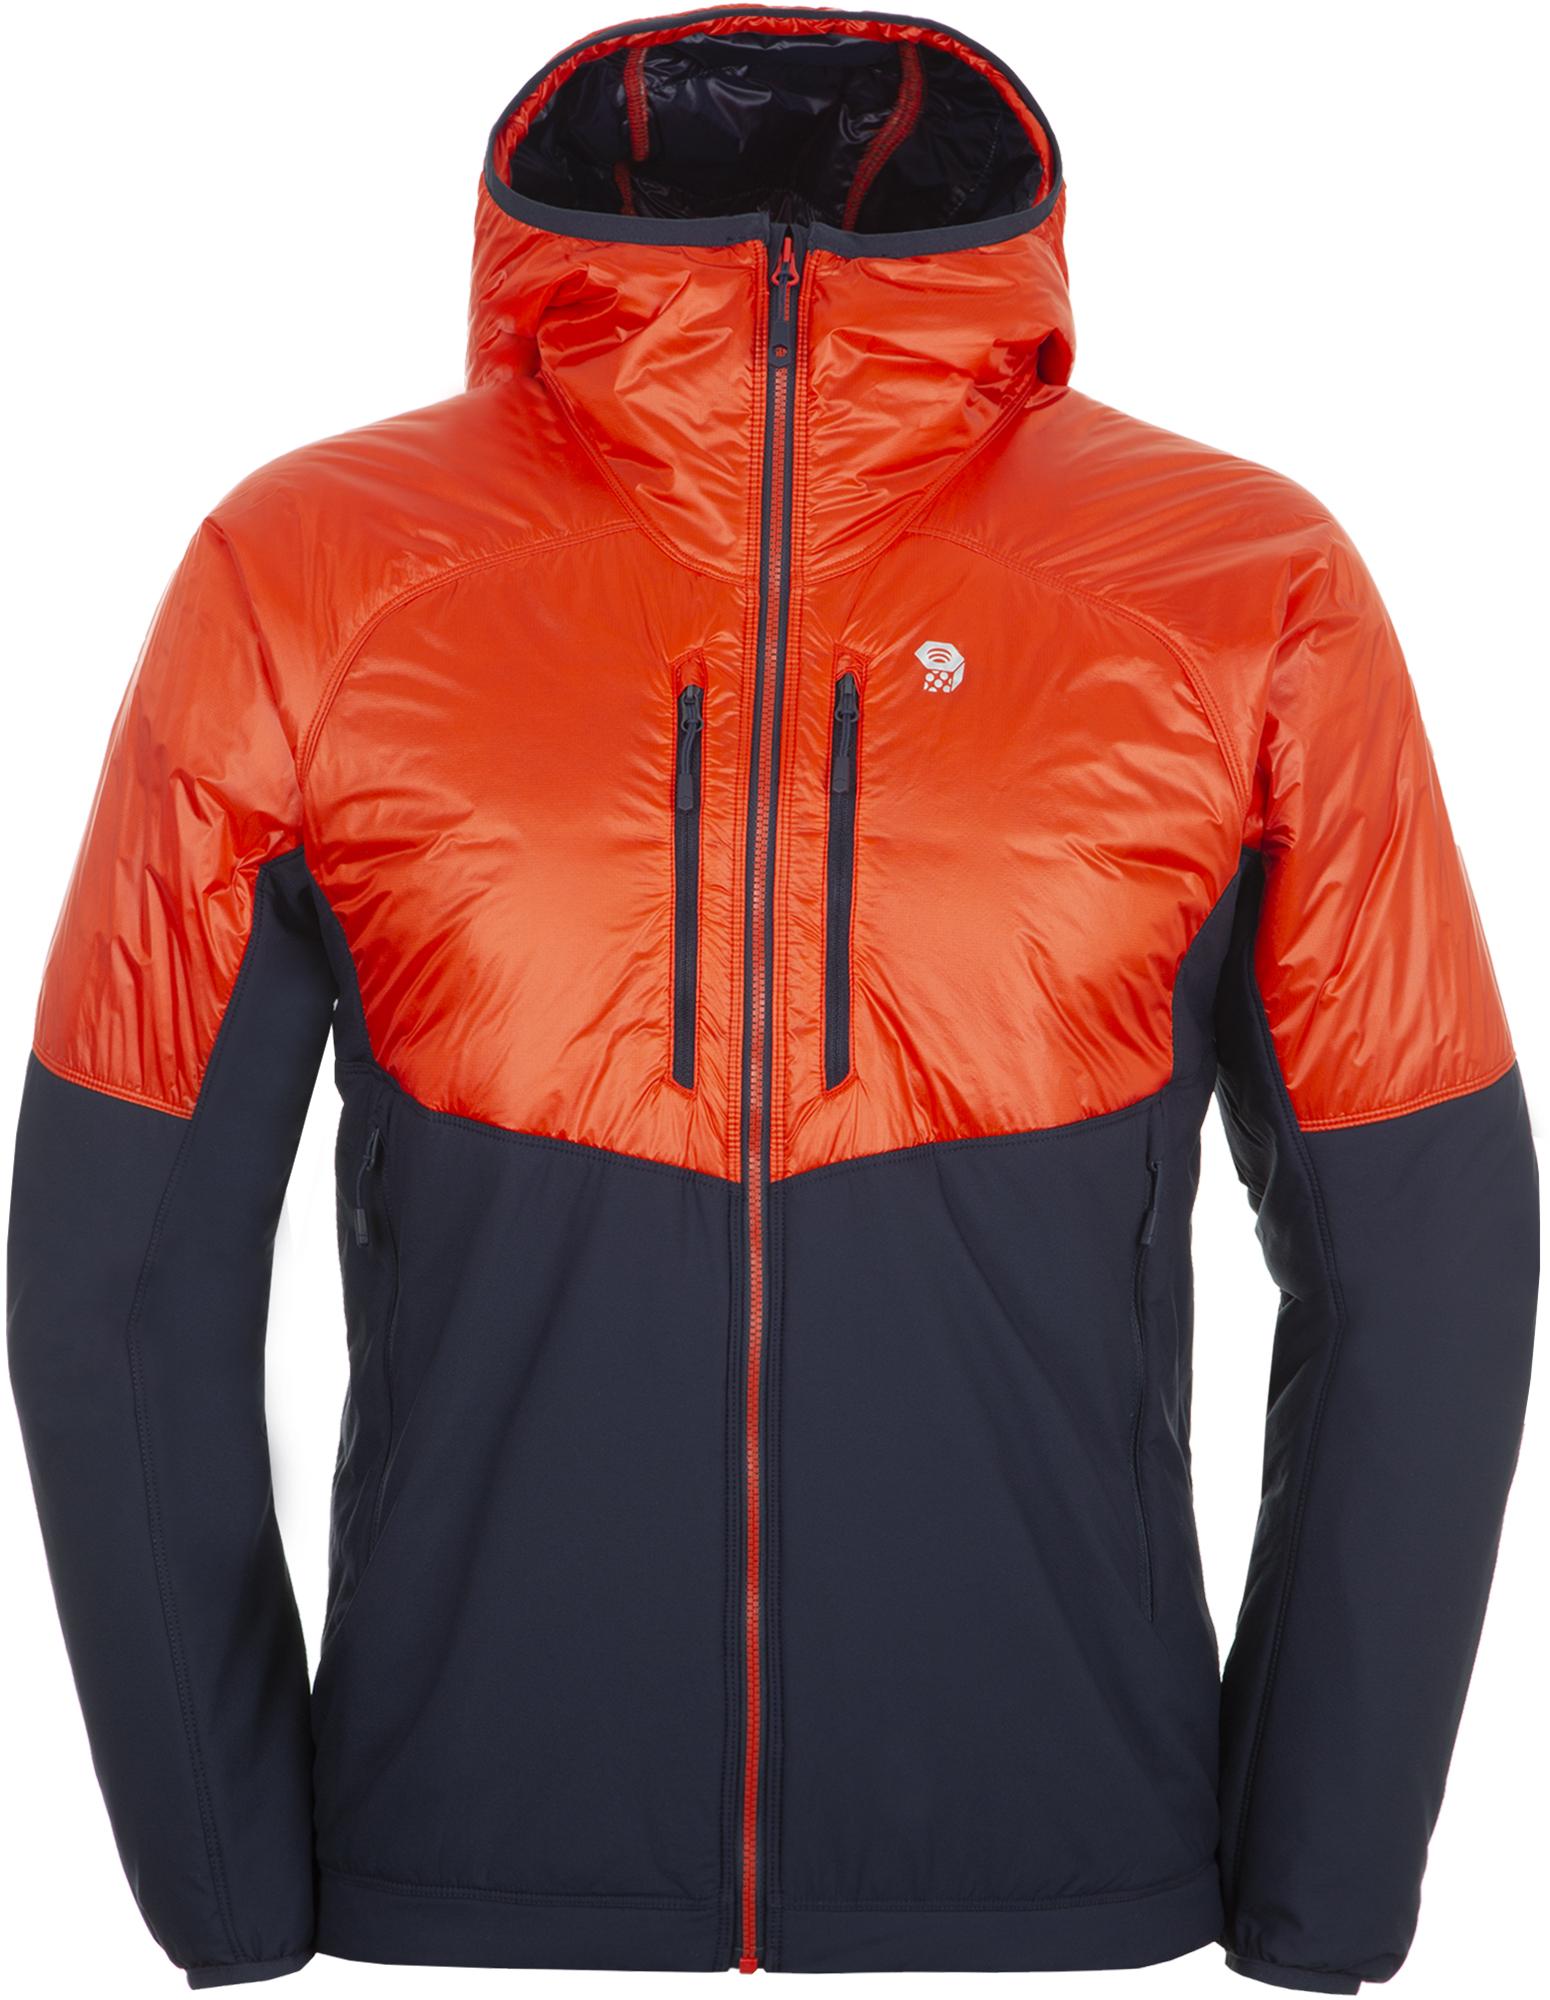 Mountain Hardwear Куртка утепленная мужская Mountain Hardwear Kor Strata, размер 56 mountain hardwear куртка утепленная мужская mountain hardwear radian размер 56